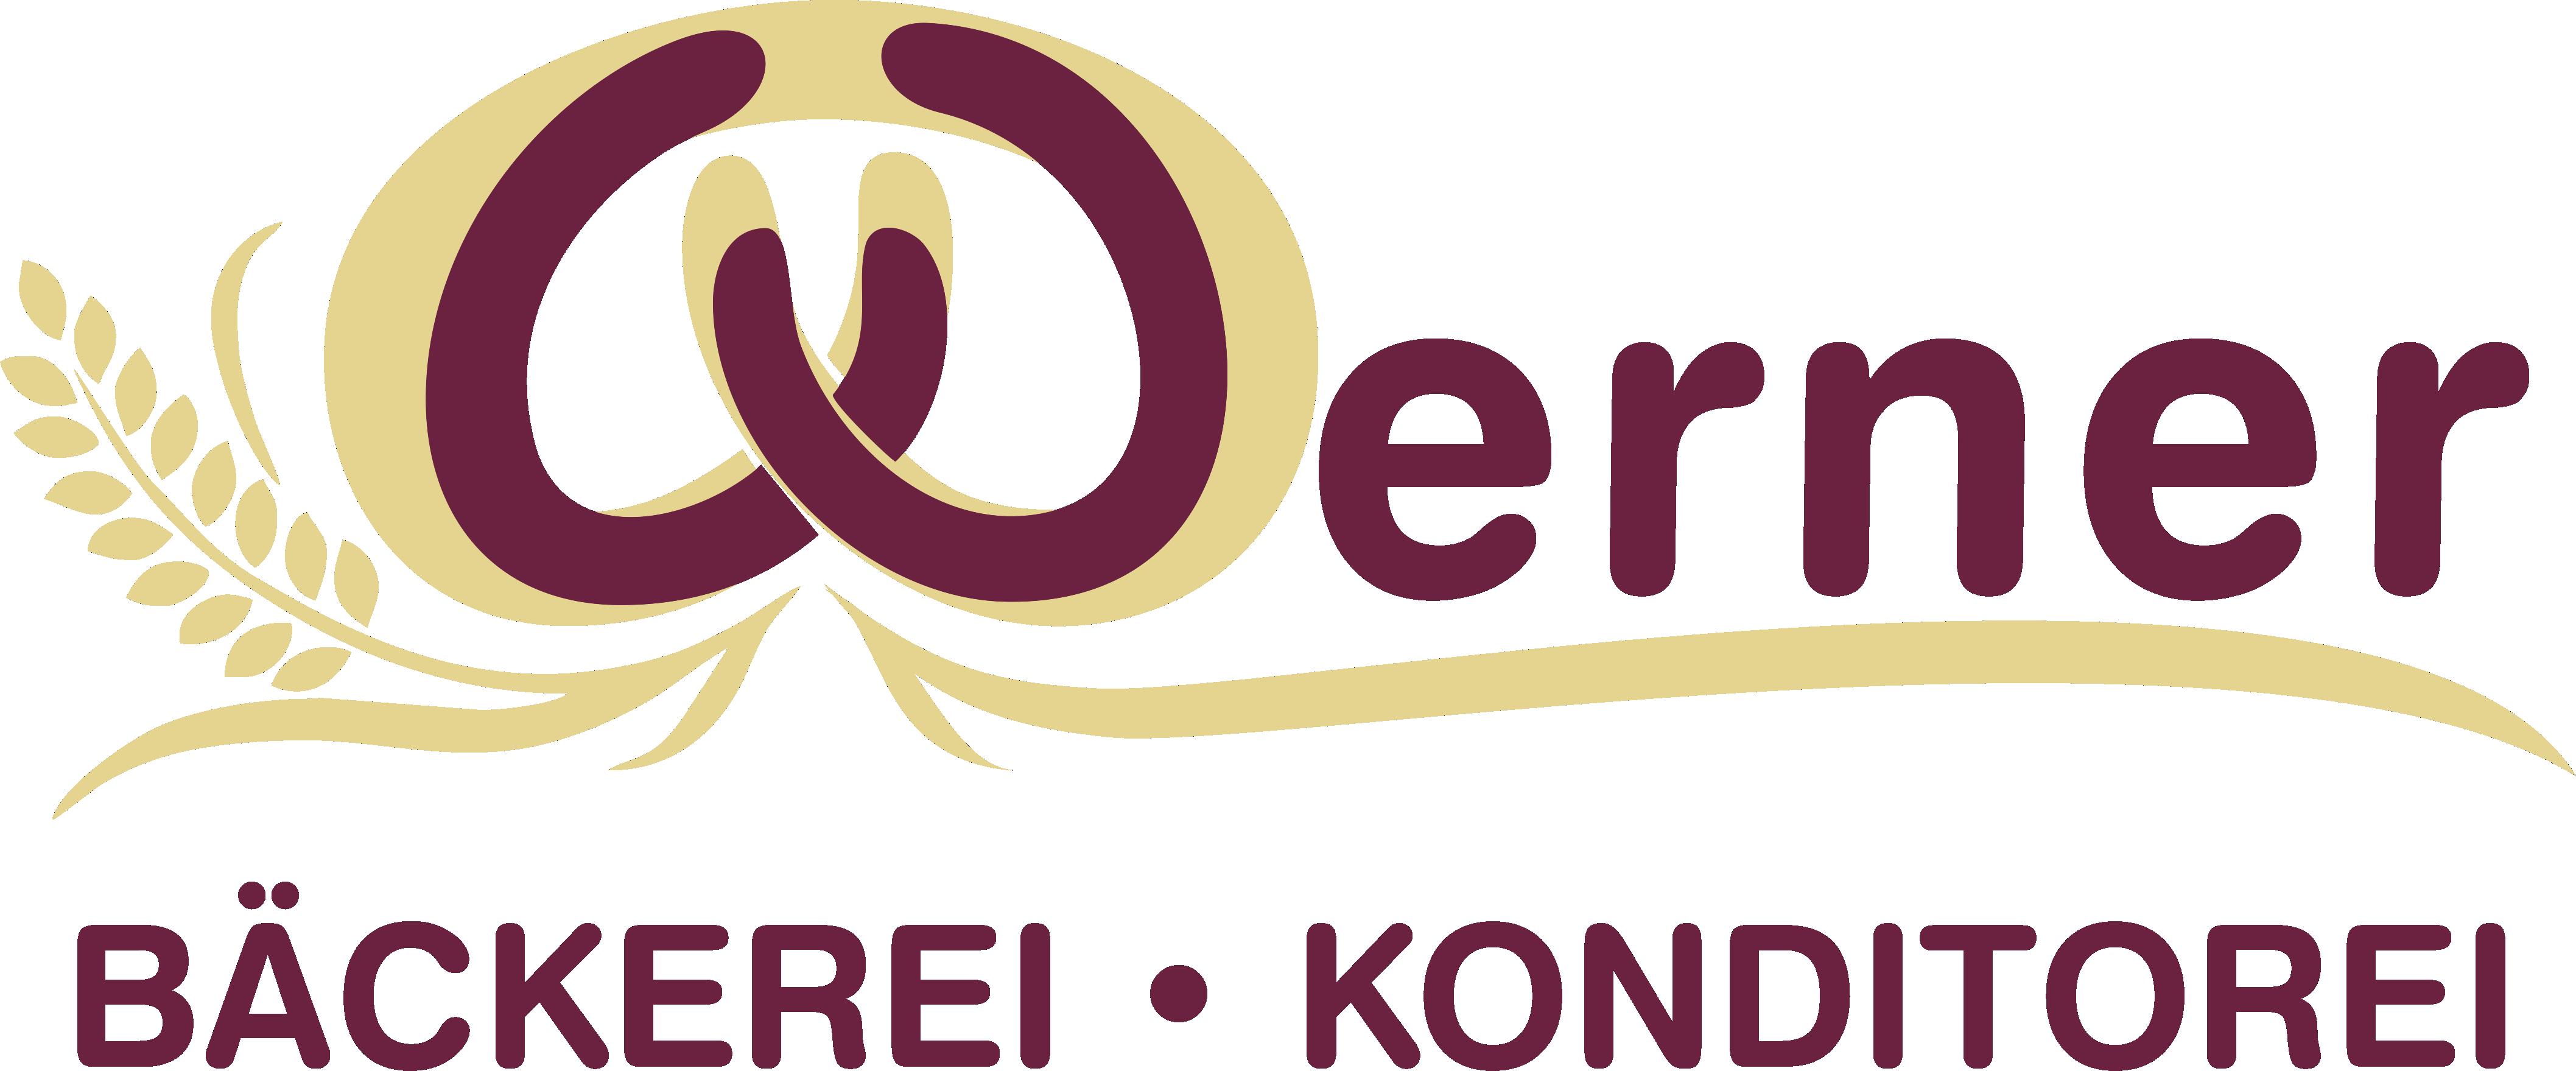 Baeckerei Werner